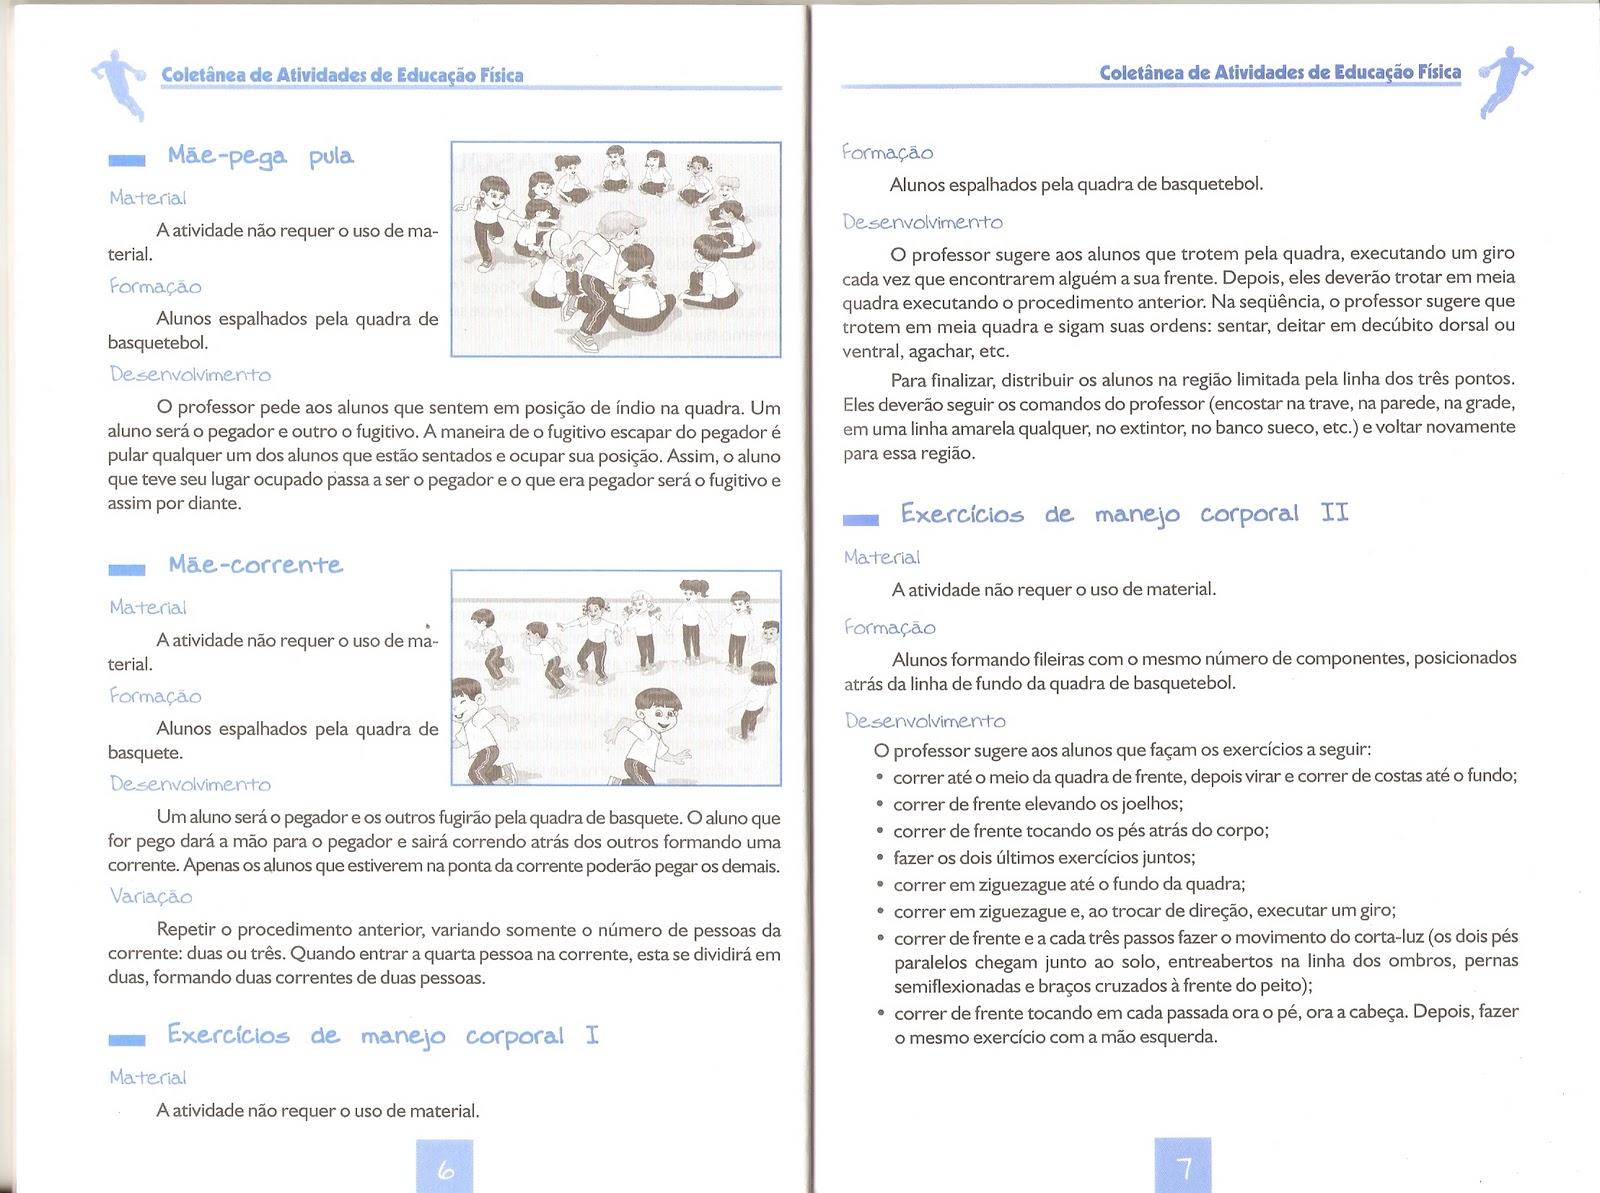 COLETÂNEA DE ATIVIDADES DE EDUCAÇÃO FÍSICA PARA O ENSINO MÉDIO E ENSINO  FUNDAMENTAL - BASQUETE 53865974e1a5b